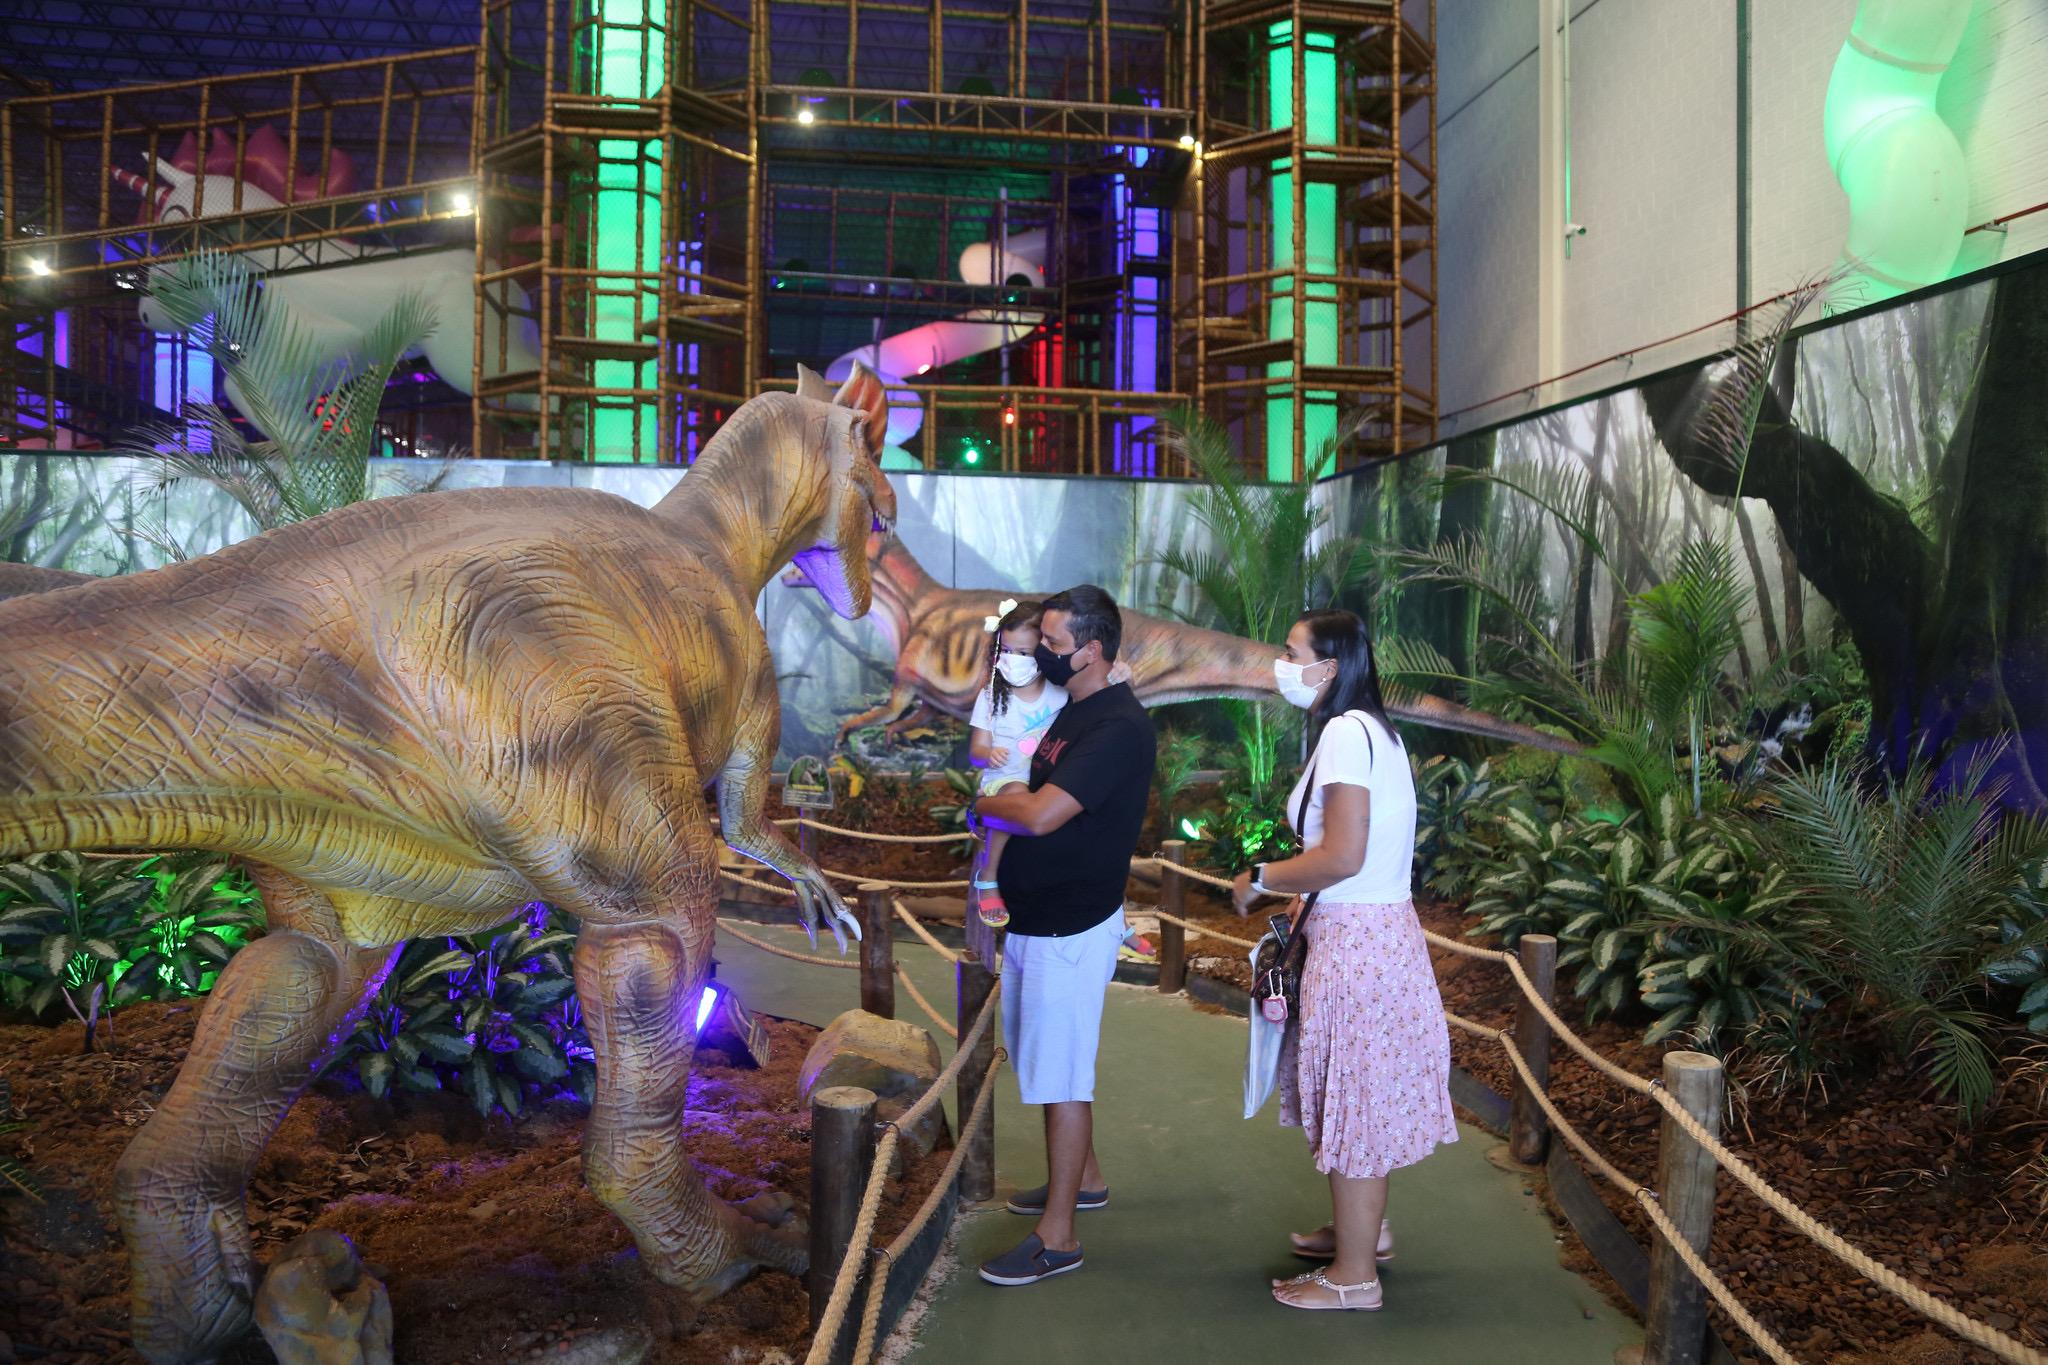 Liberados pelo novo decreto, estações de jogos eletrônicos e parques temáticos seguem os protocolos definidos em Lauro de Freitas